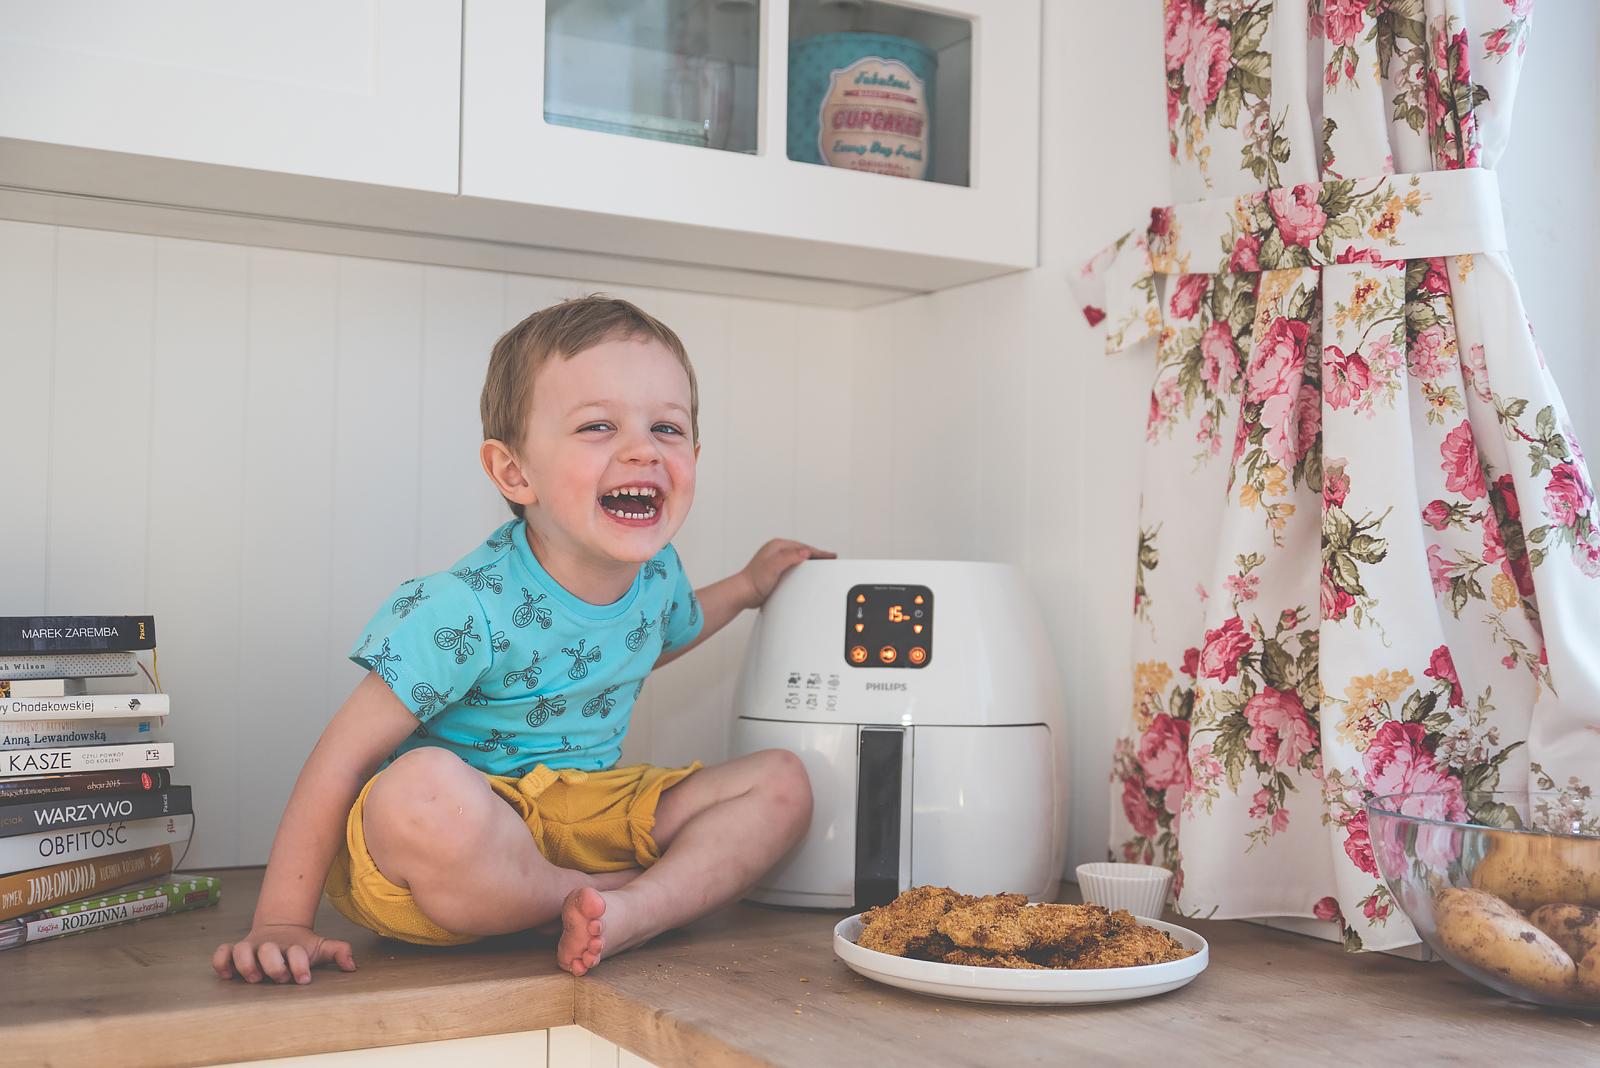 Philips Airfryer Przepisy Test Bakusiowo Domowe Frytki KFC w domu00039